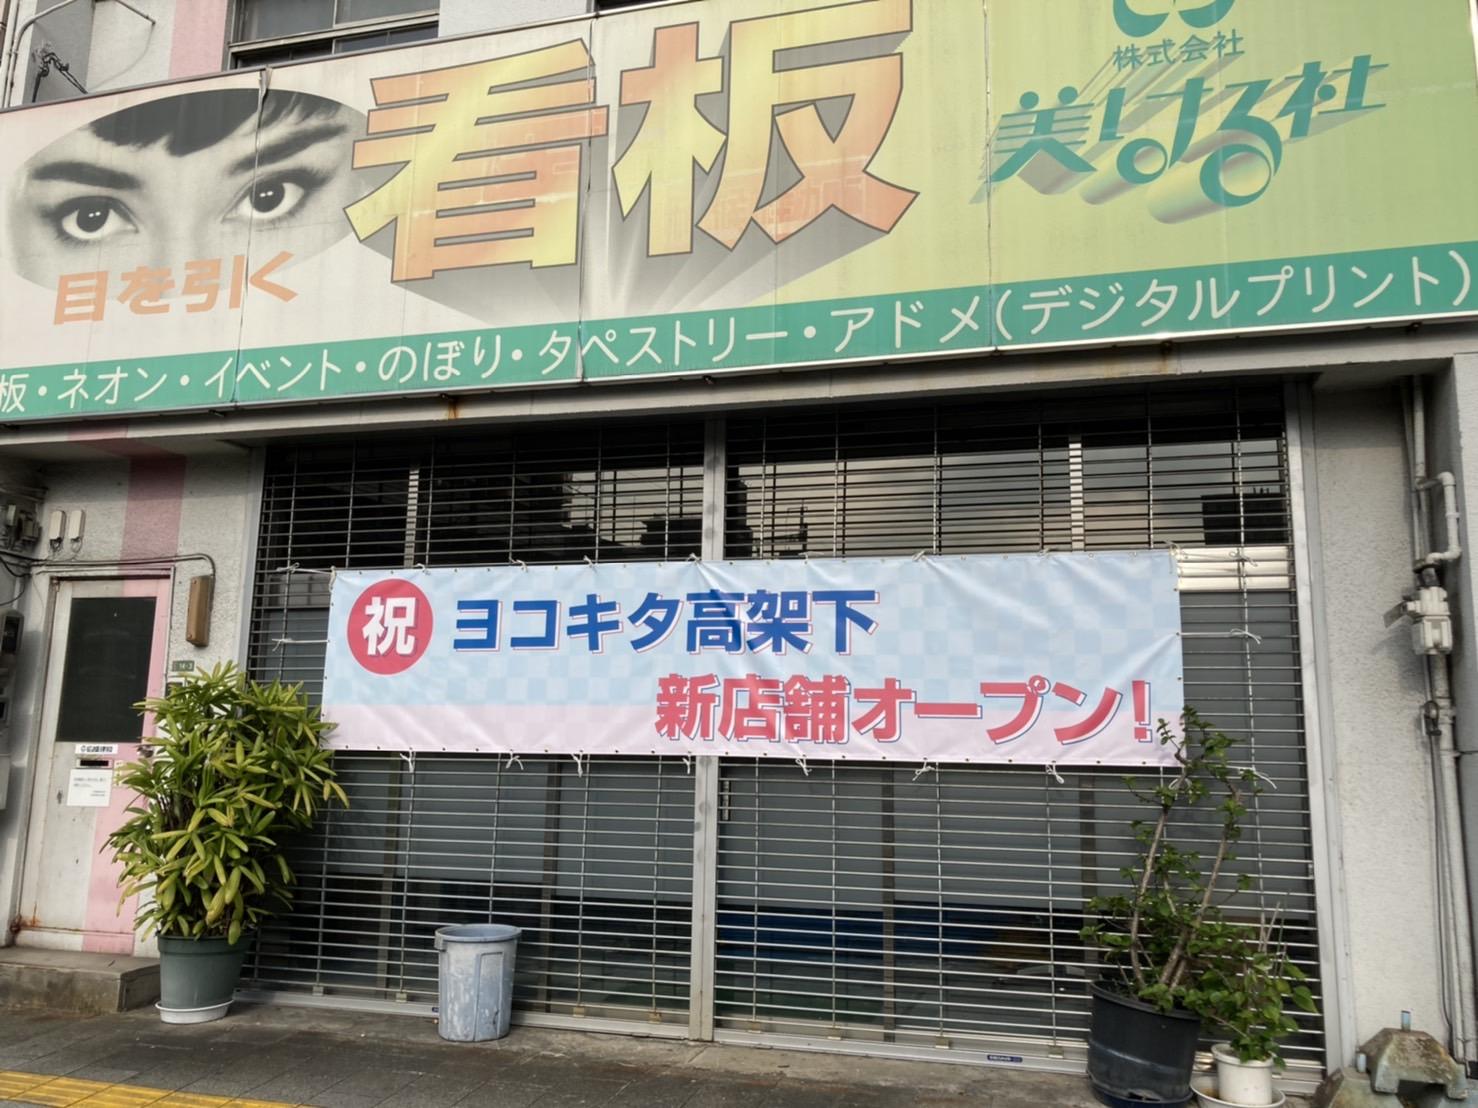 祝 ヨコキタ高架下 新店舗オープン!